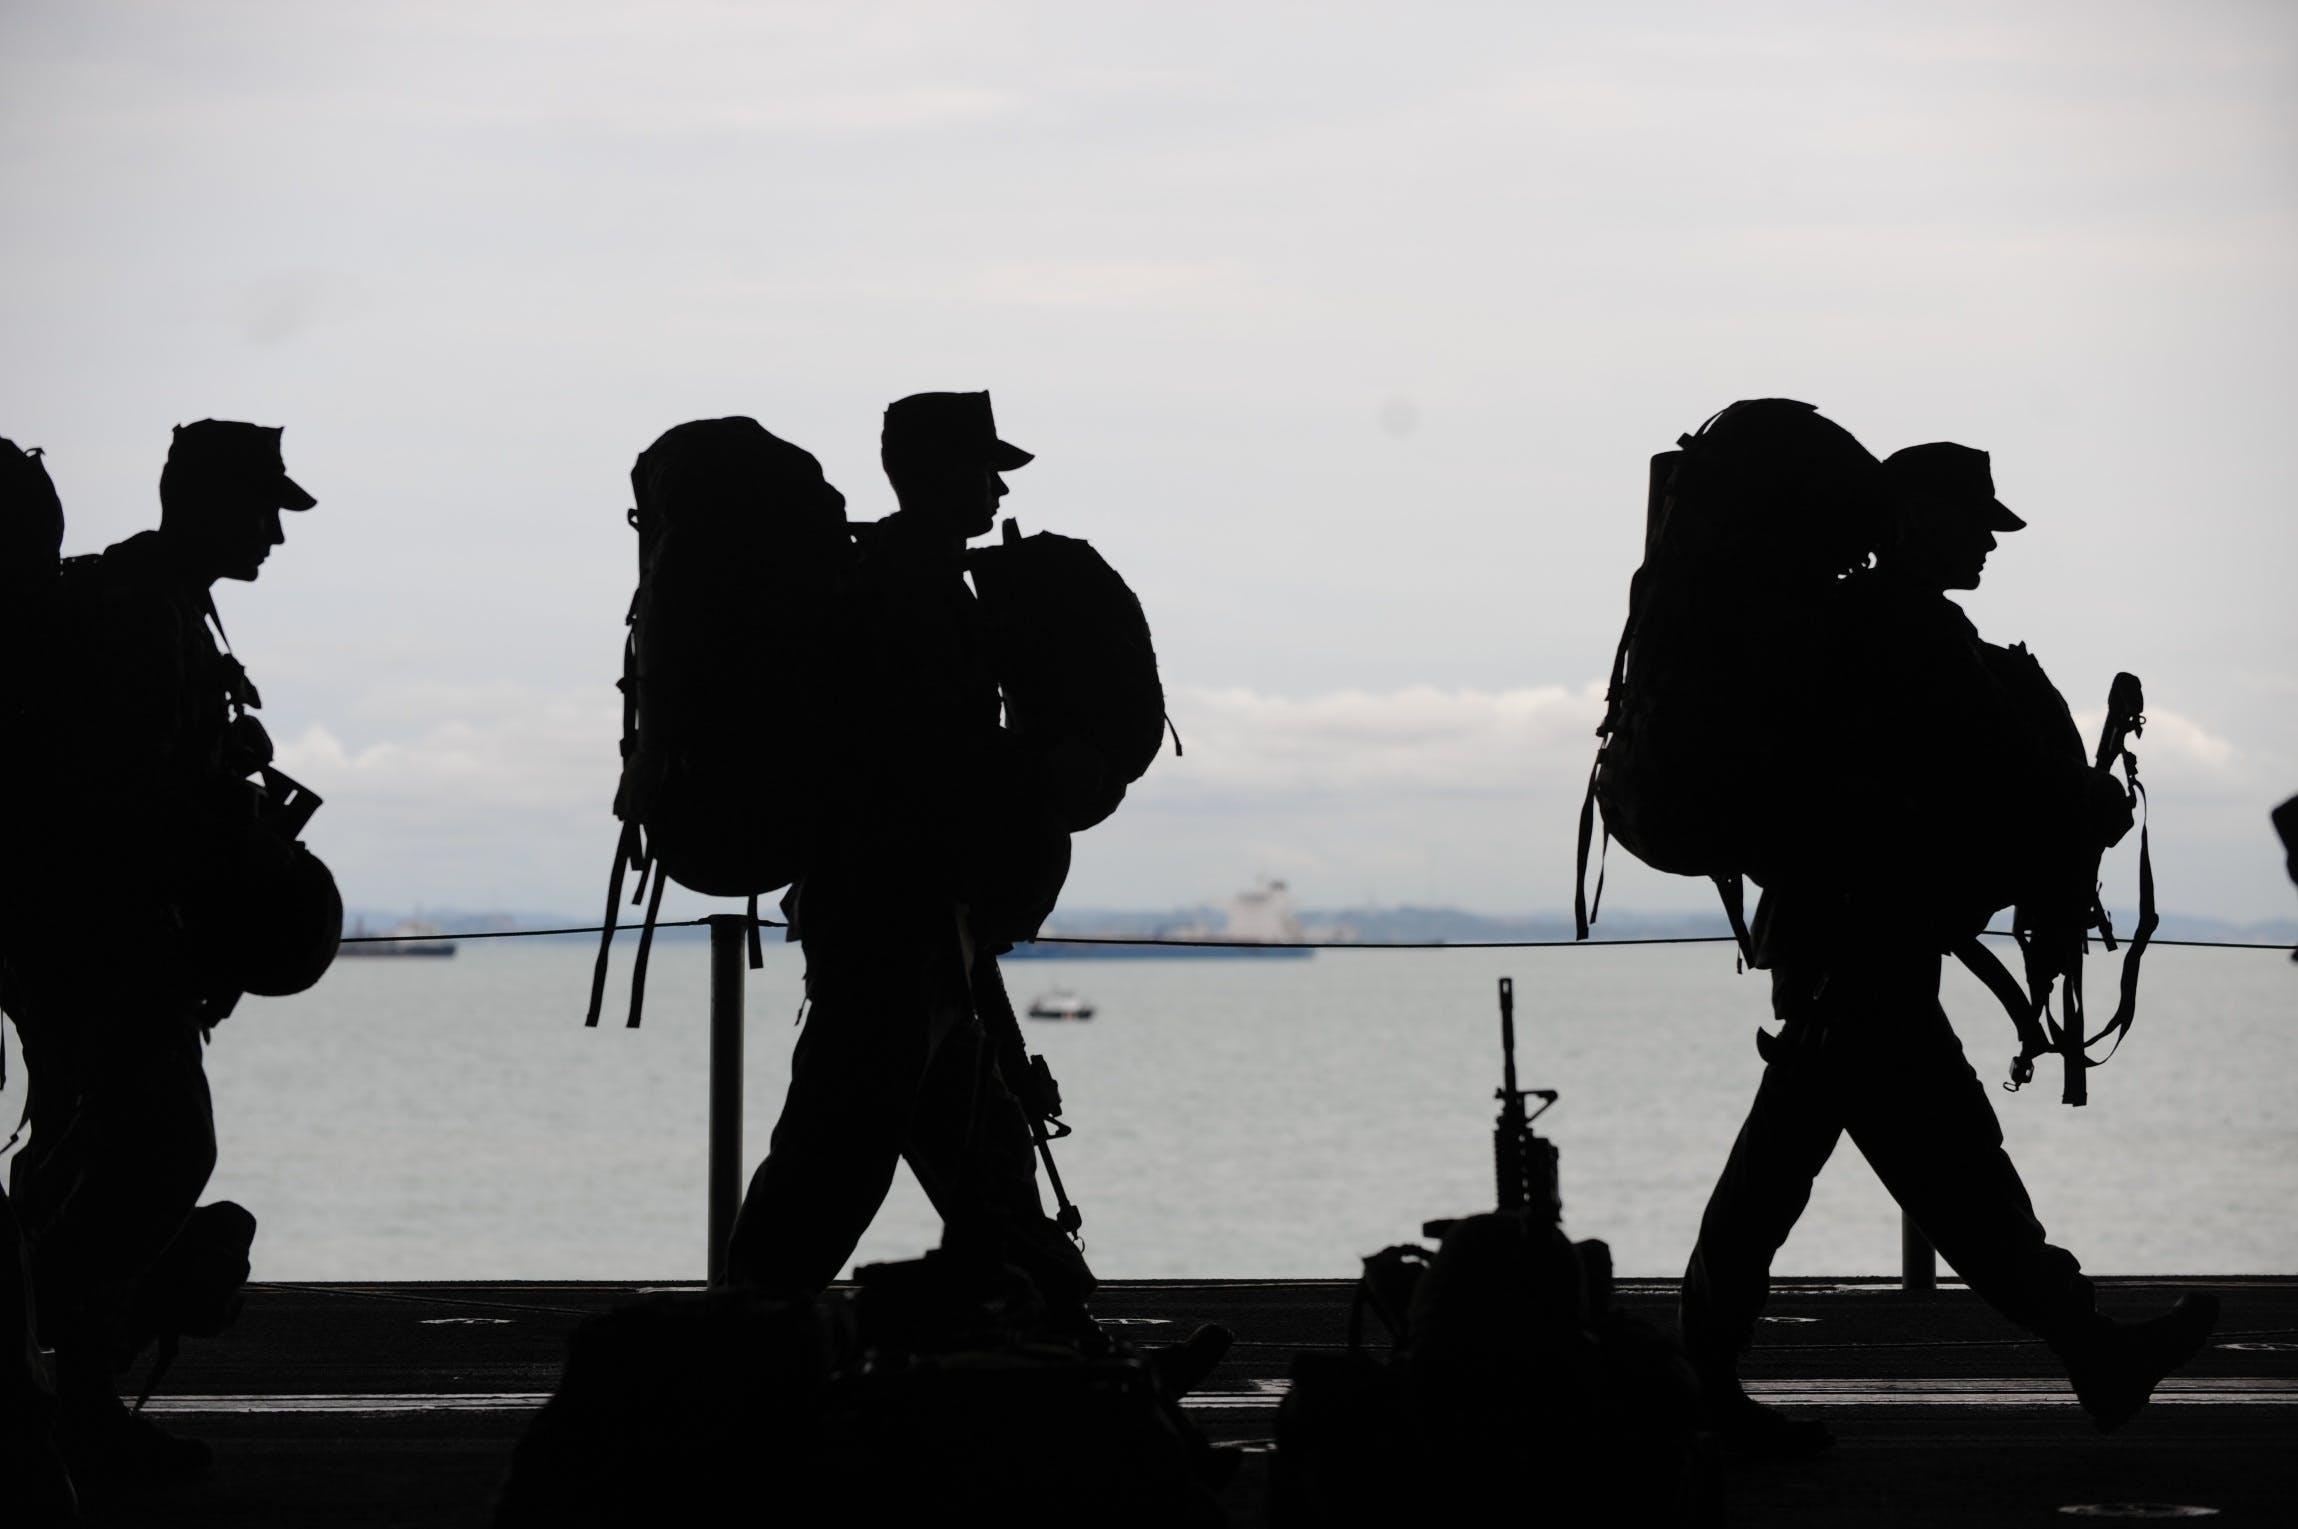 サービス, バックパック, 兵隊, 戦争の無料の写真素材